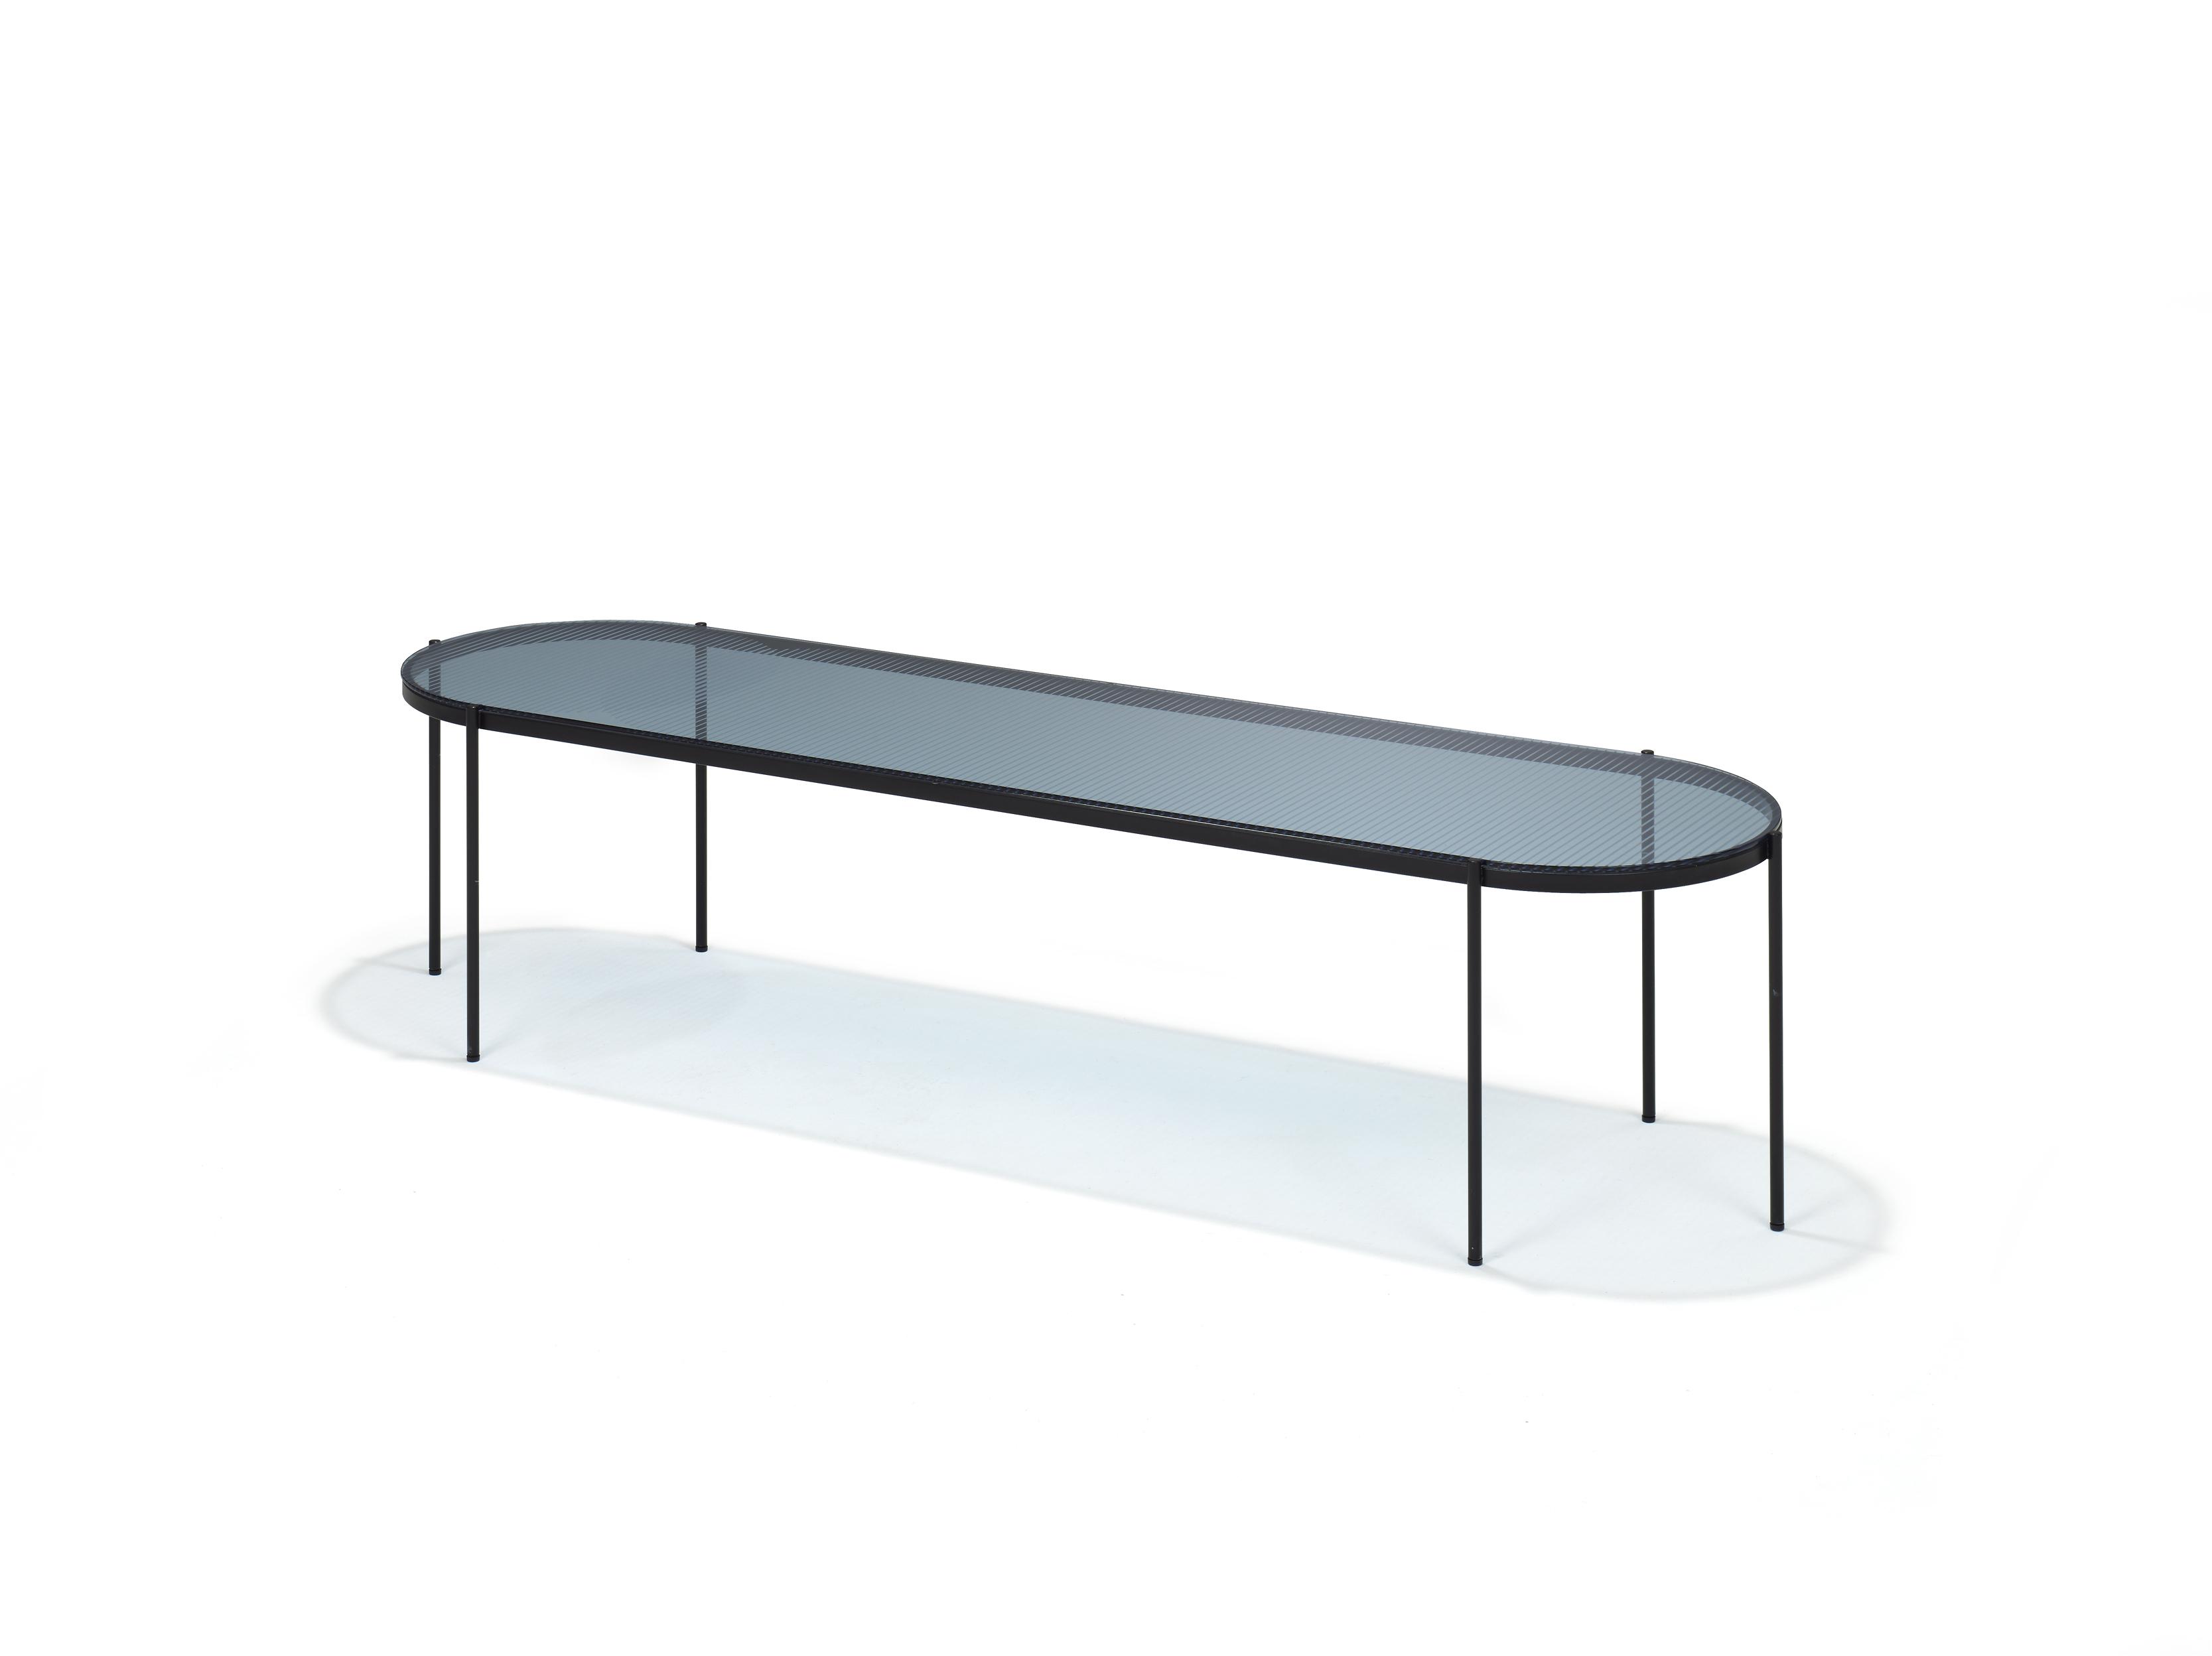 Zwarte Tafel Met Glasplaat.Lyn Salontafel Ovaal Glas En Staal Kopen Bestel Online Bij Gimmii